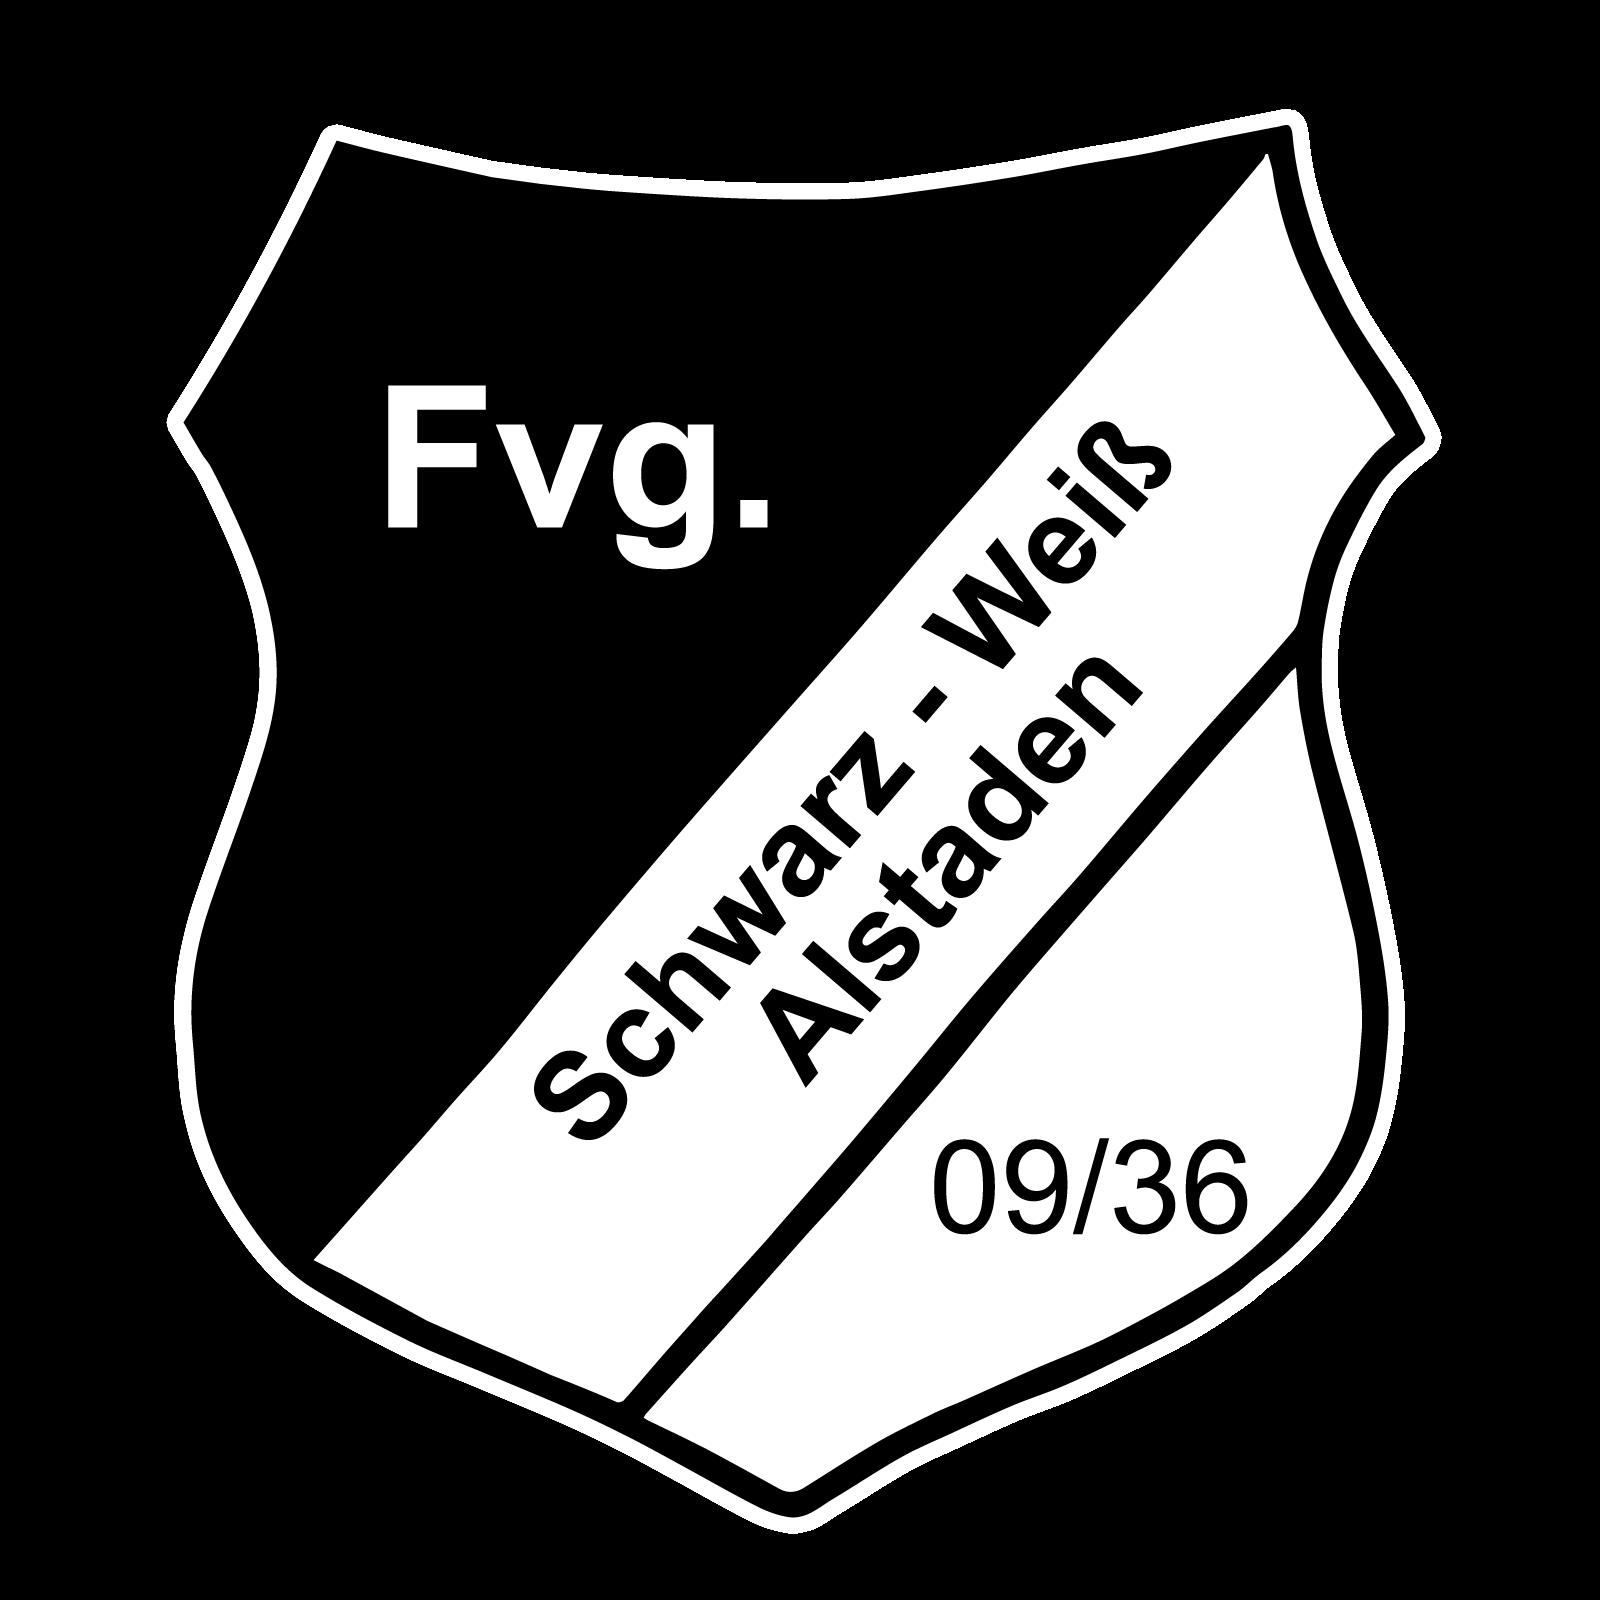 Fvg. Schwarz-Weiß 09/36 Oberhausen-Alstaden e.V.